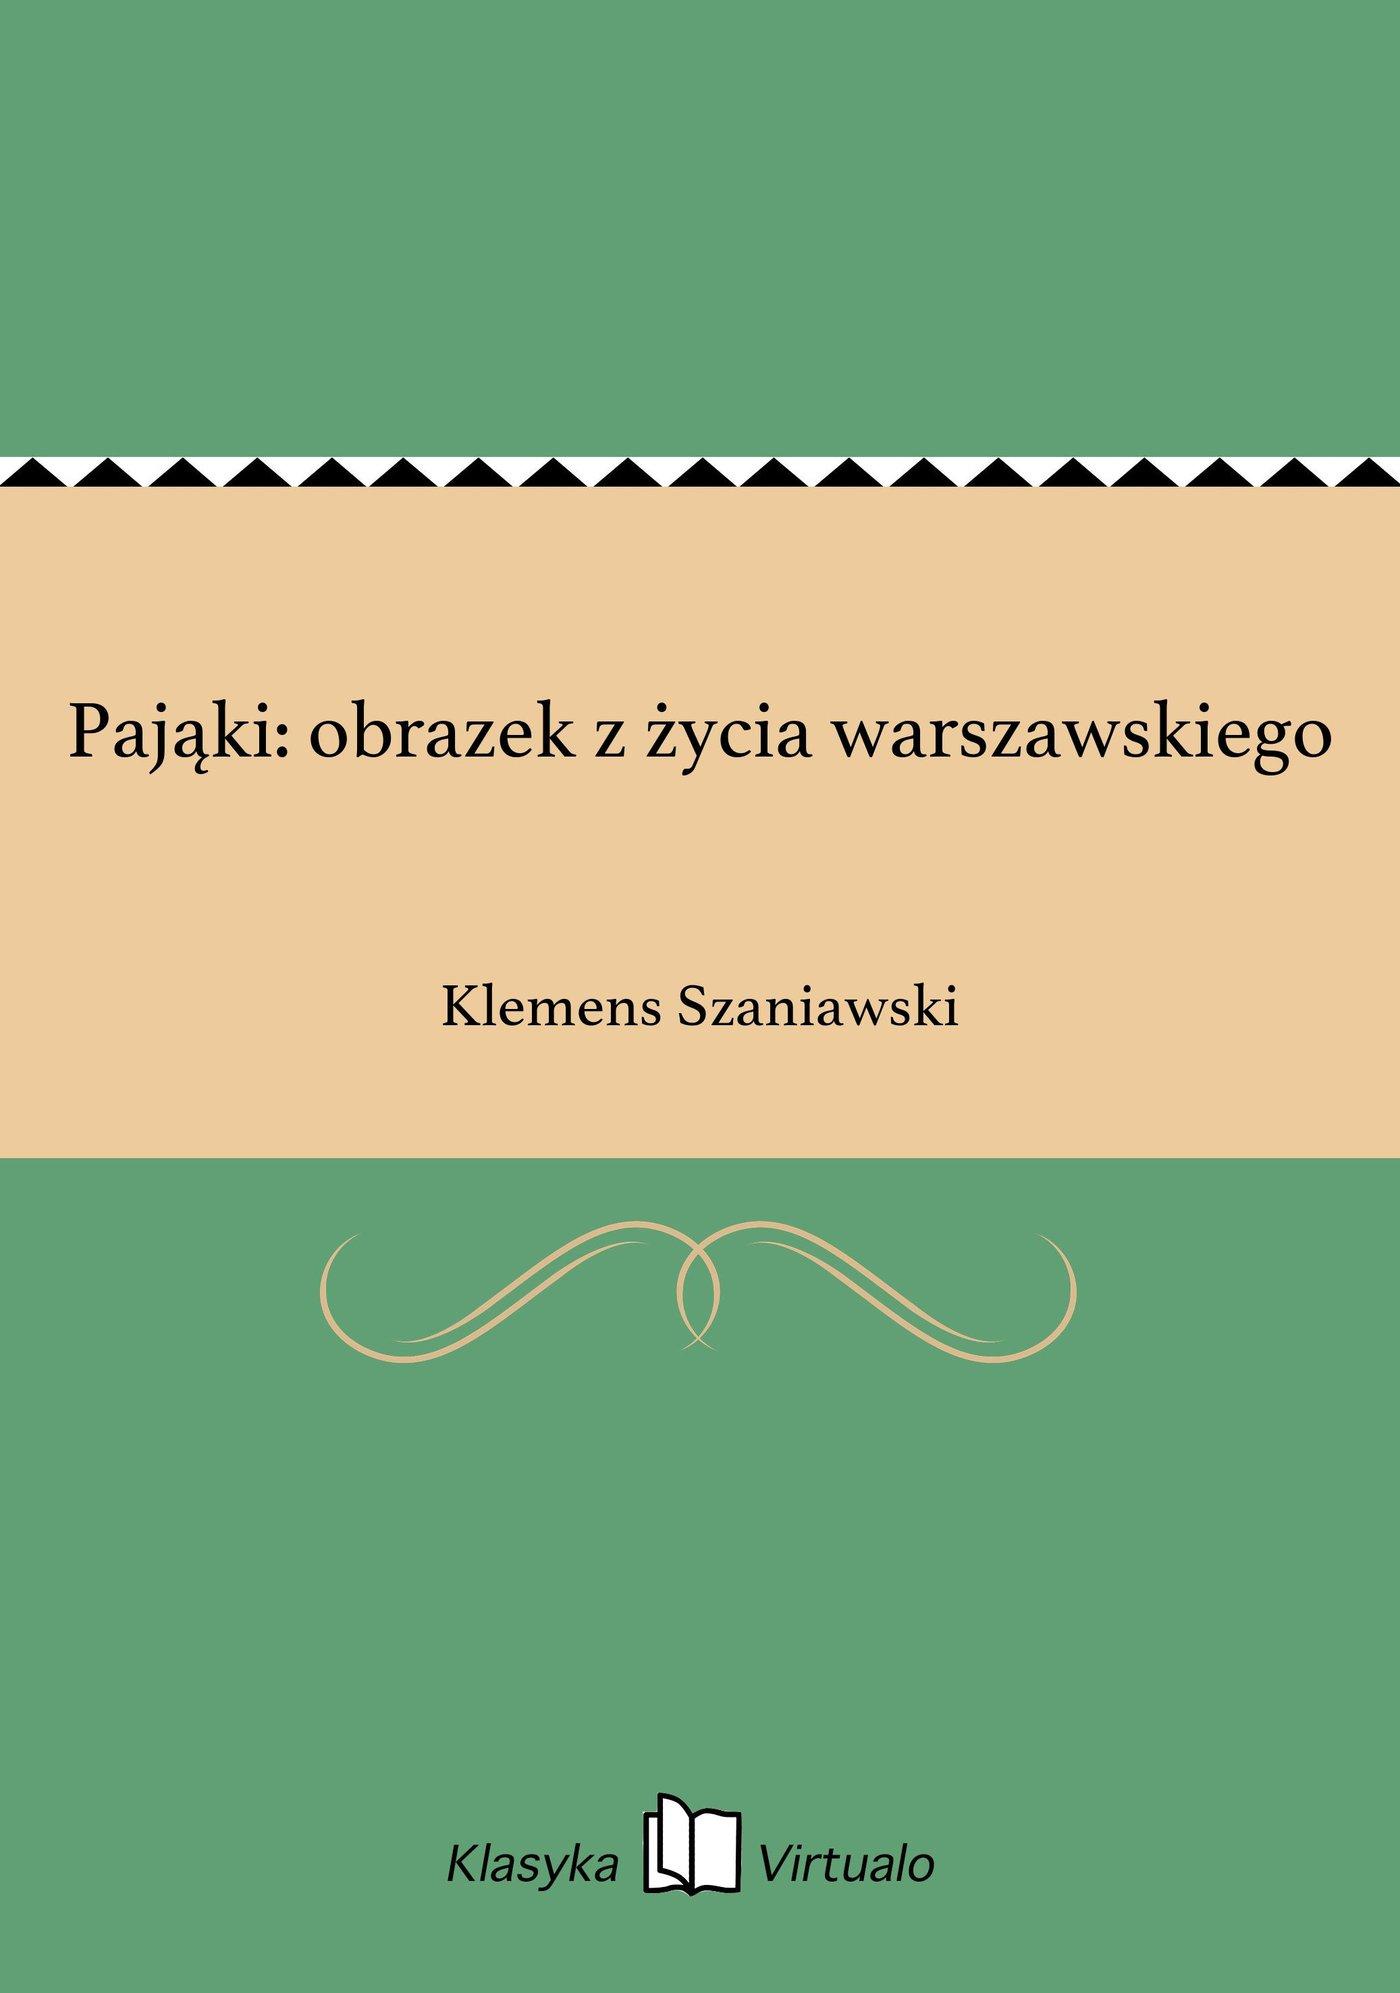 Pająki: obrazek z życia warszawskiego - Ebook (Książka EPUB) do pobrania w formacie EPUB